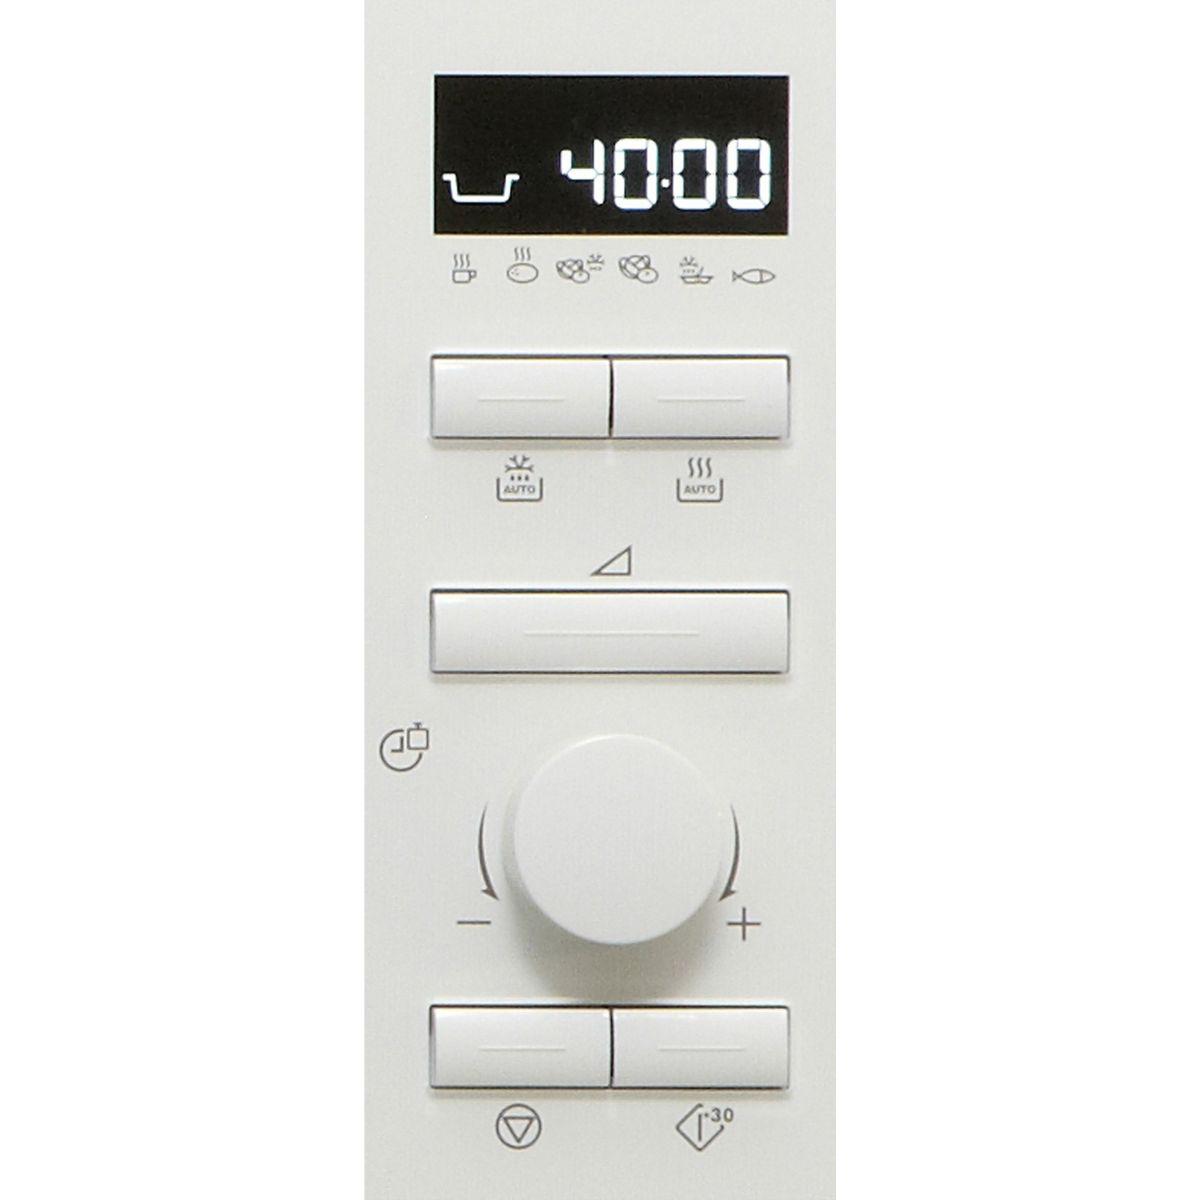 Micro-onde encastrable electrolux ems26004ow - 2% de remise imm�diate avec le code : wd2 (photo)